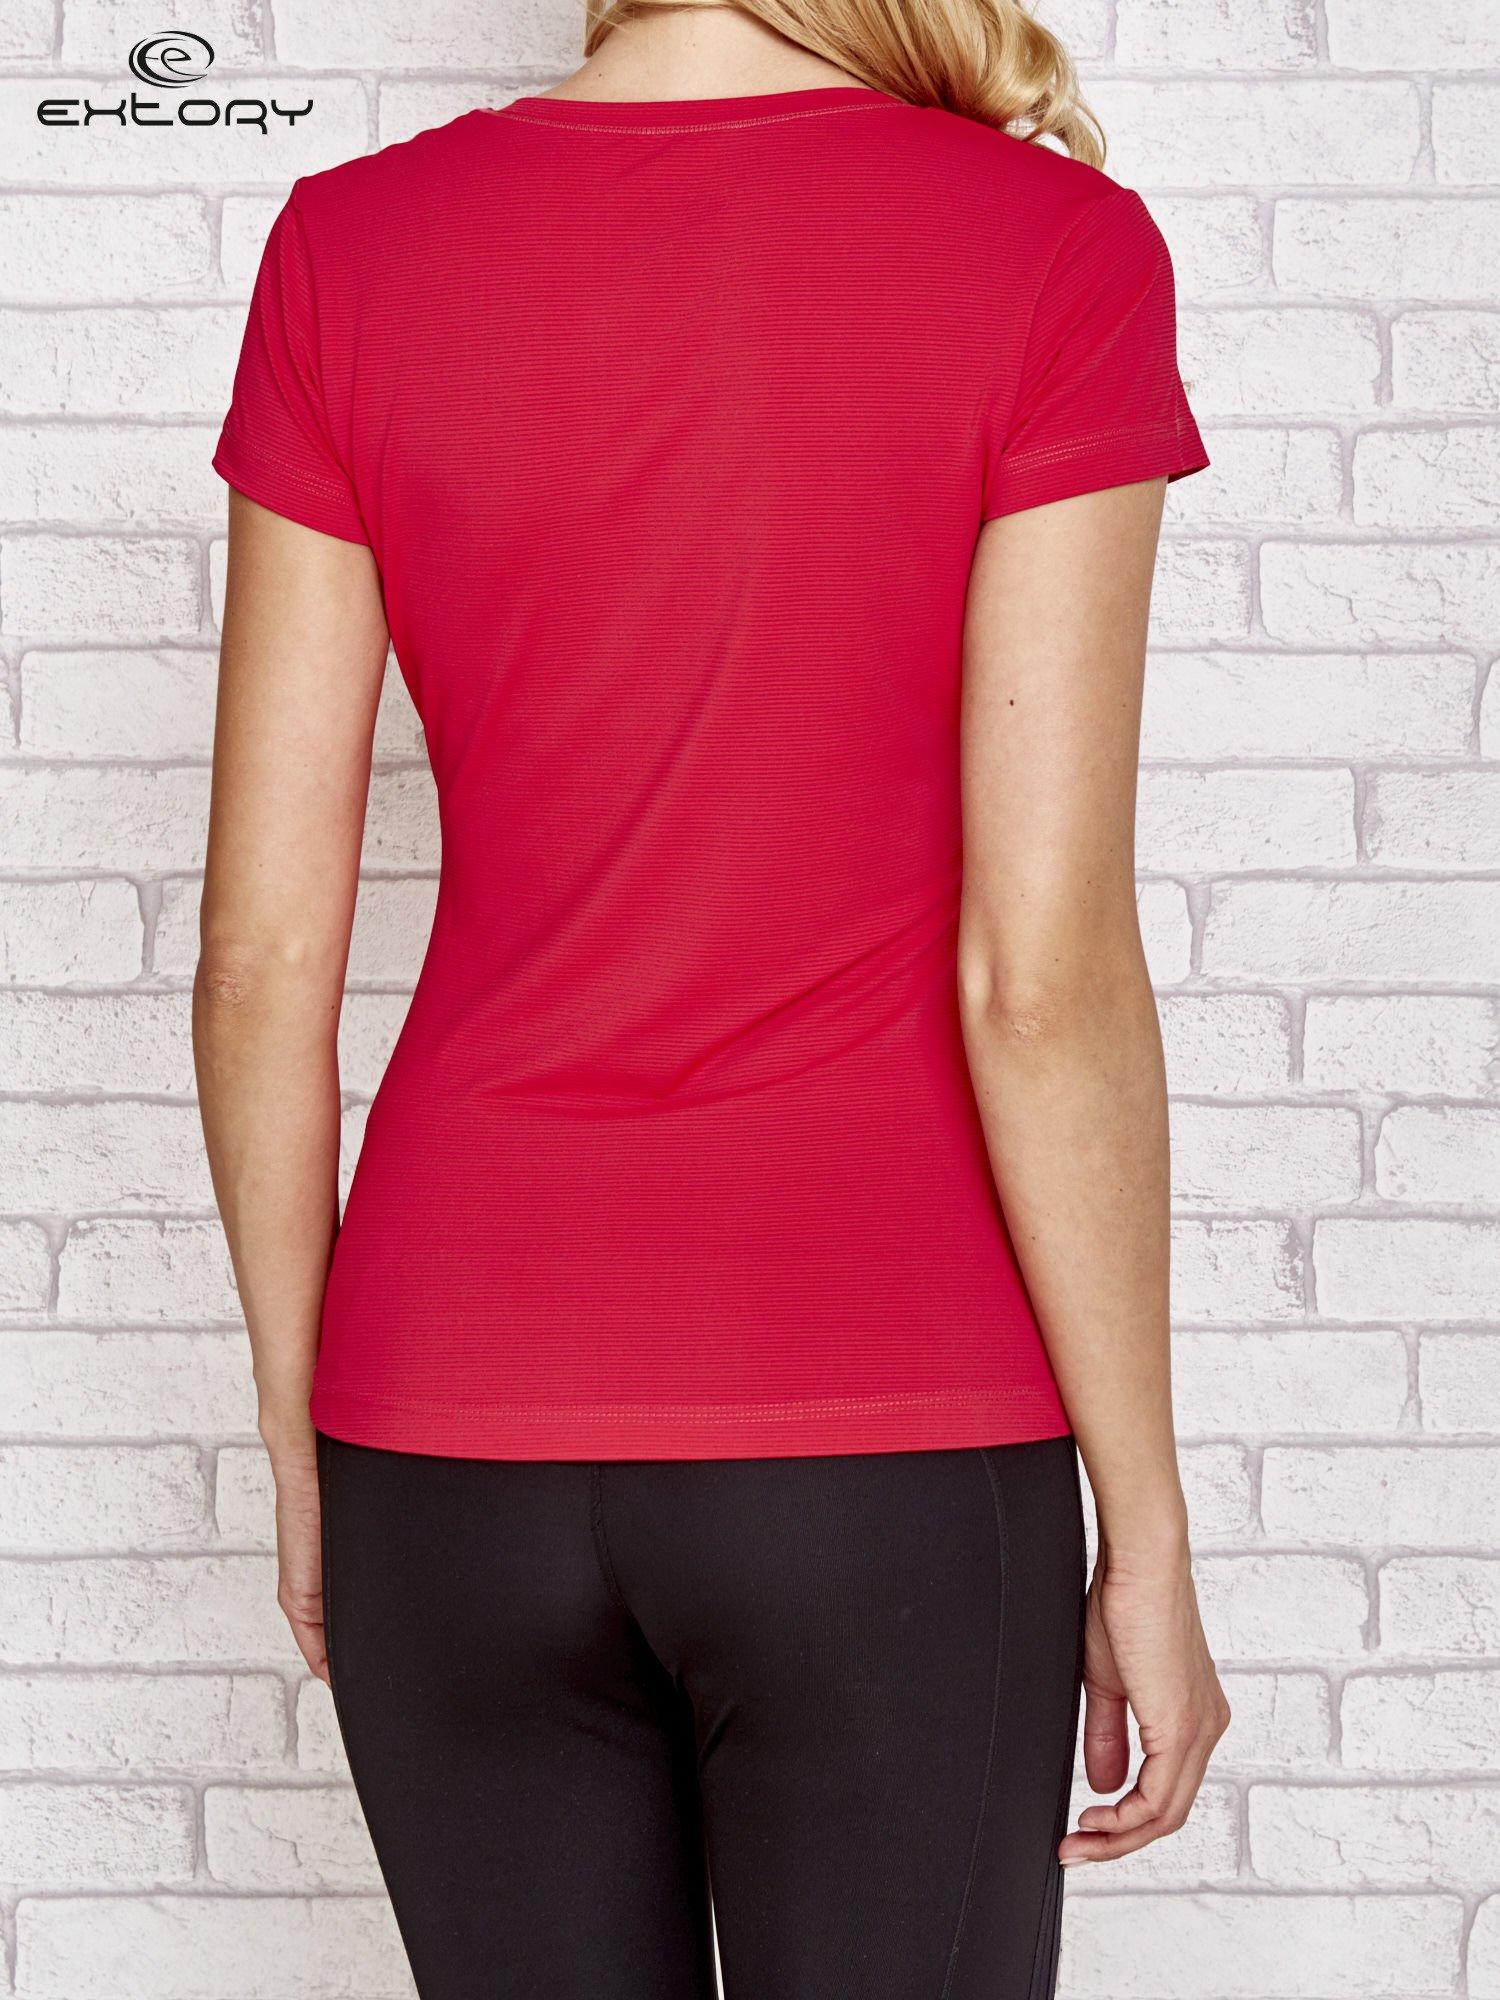 Fusjowy t-shirt sportowy w poziomy prążek                                  zdj.                                  2